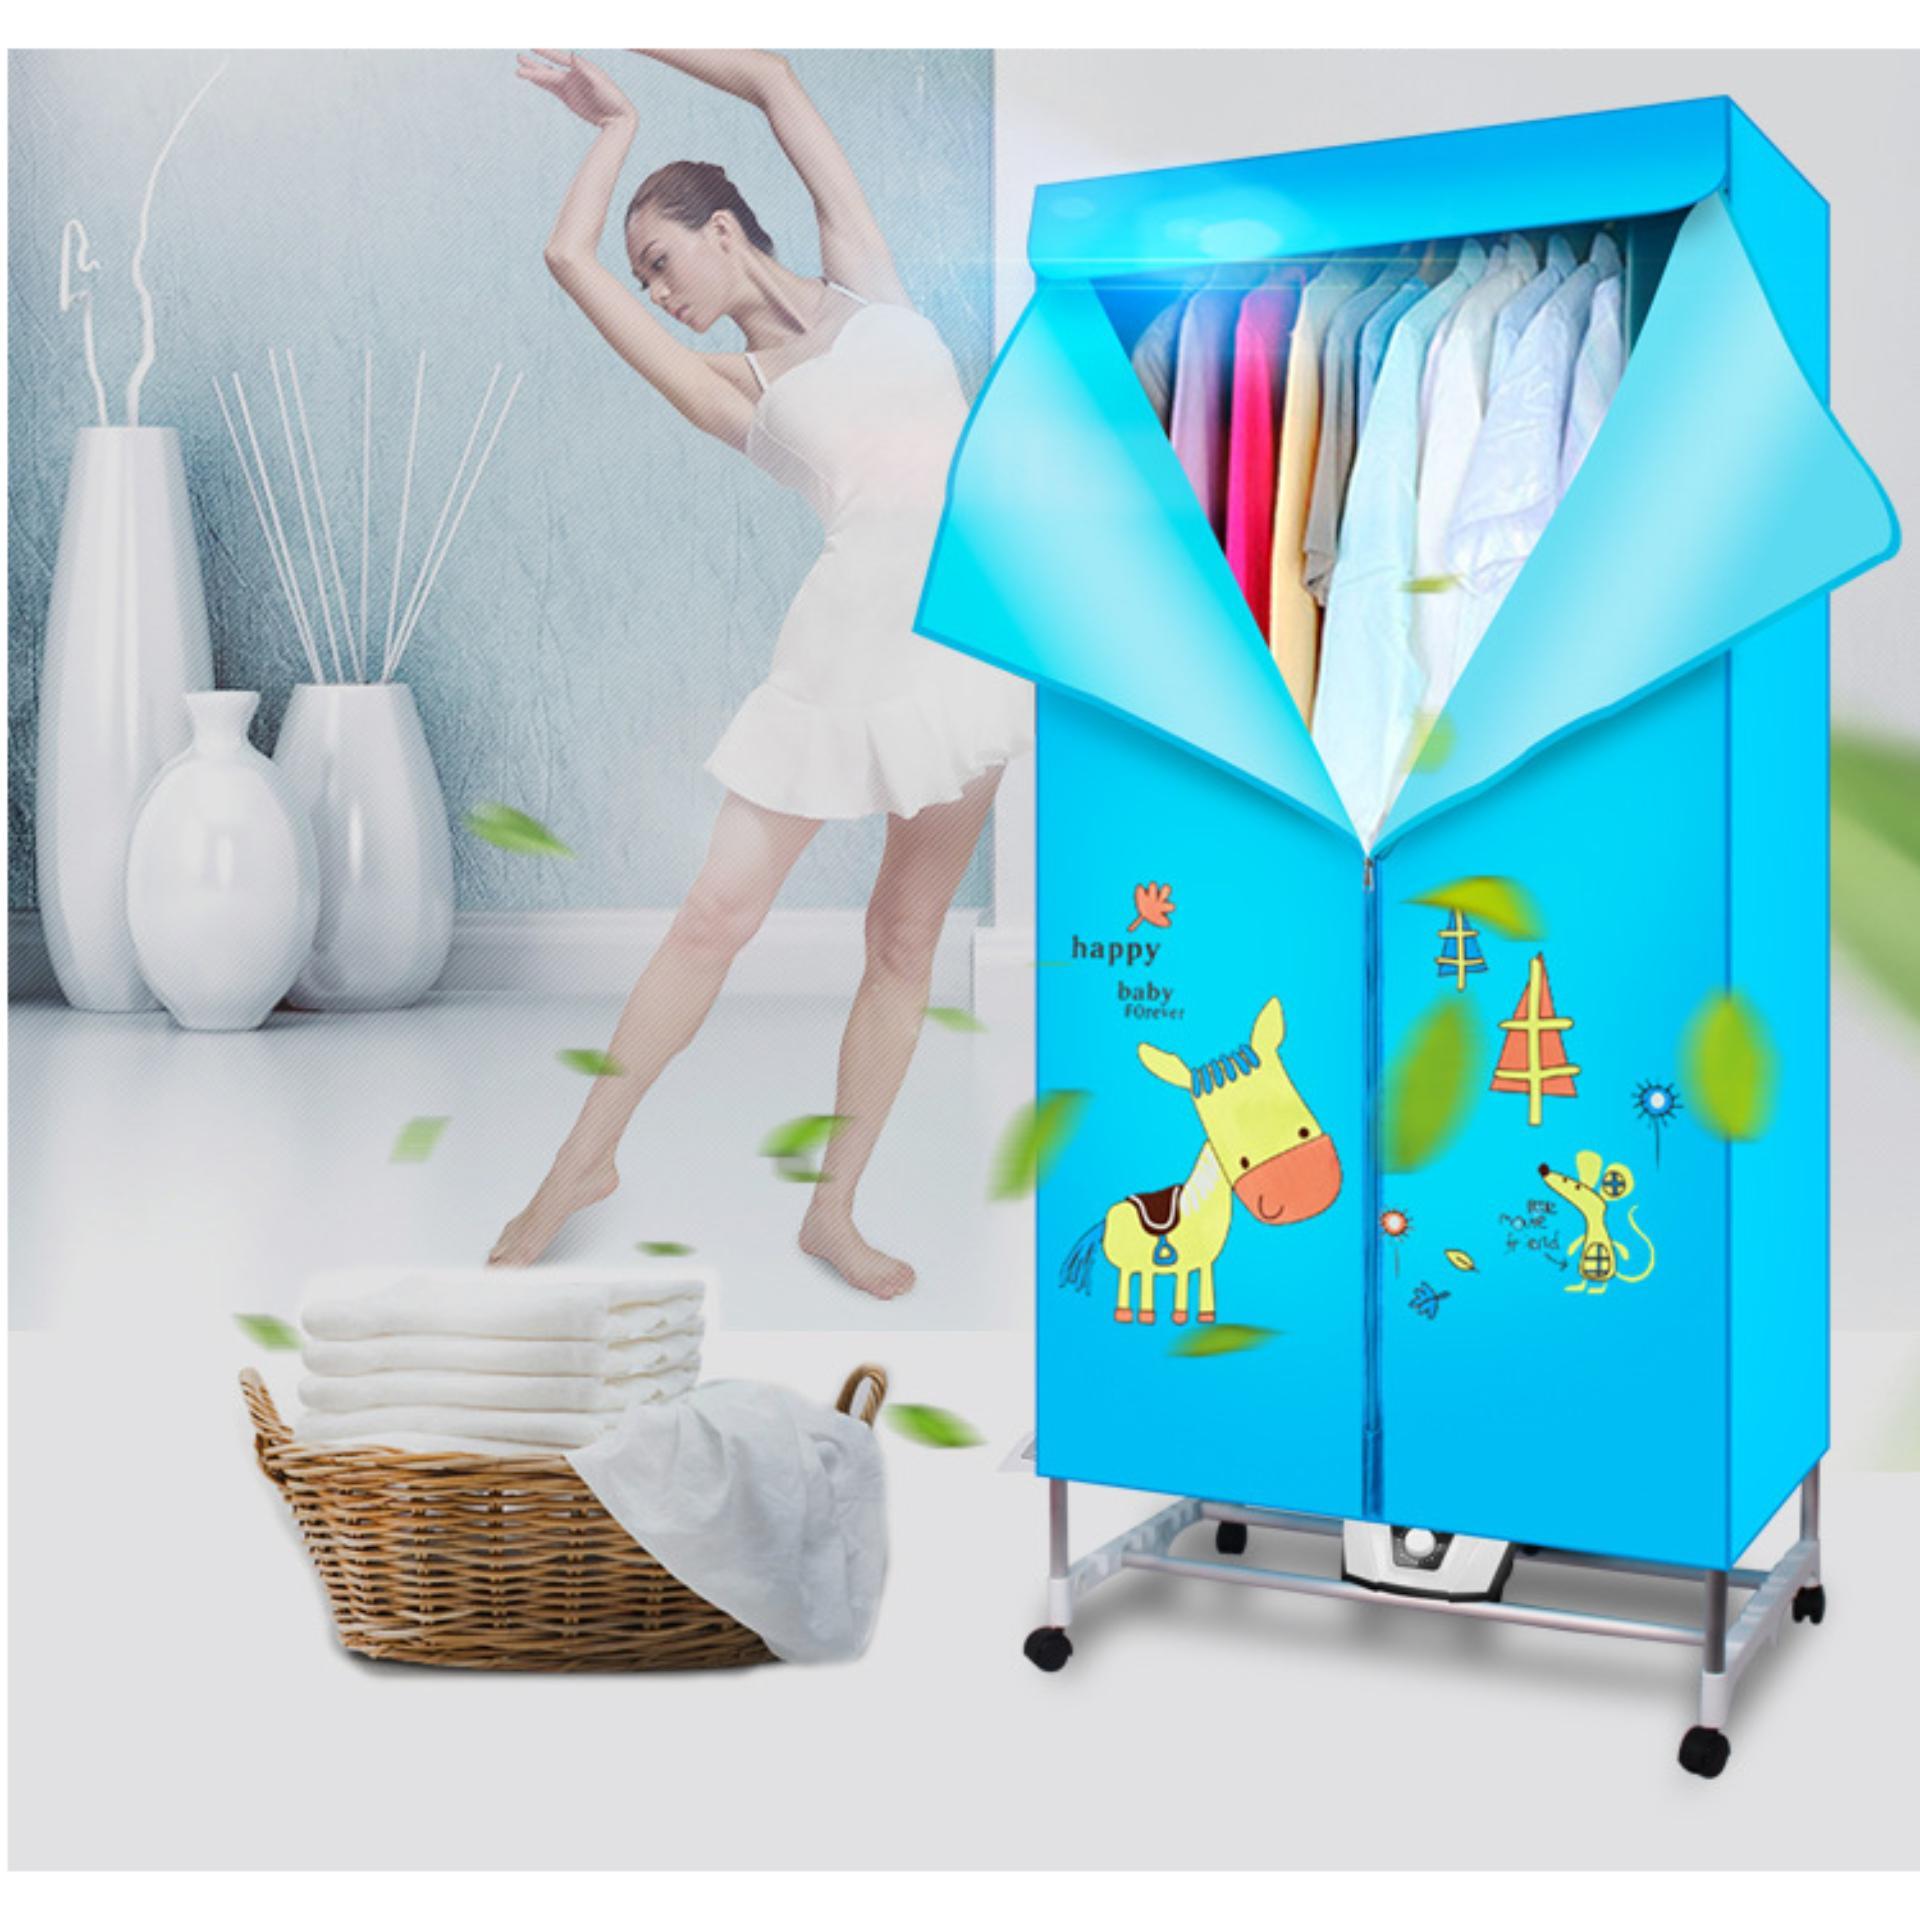 Tủ sấy quần áo Clothes Dryer sấy khô 360 độ thông minh